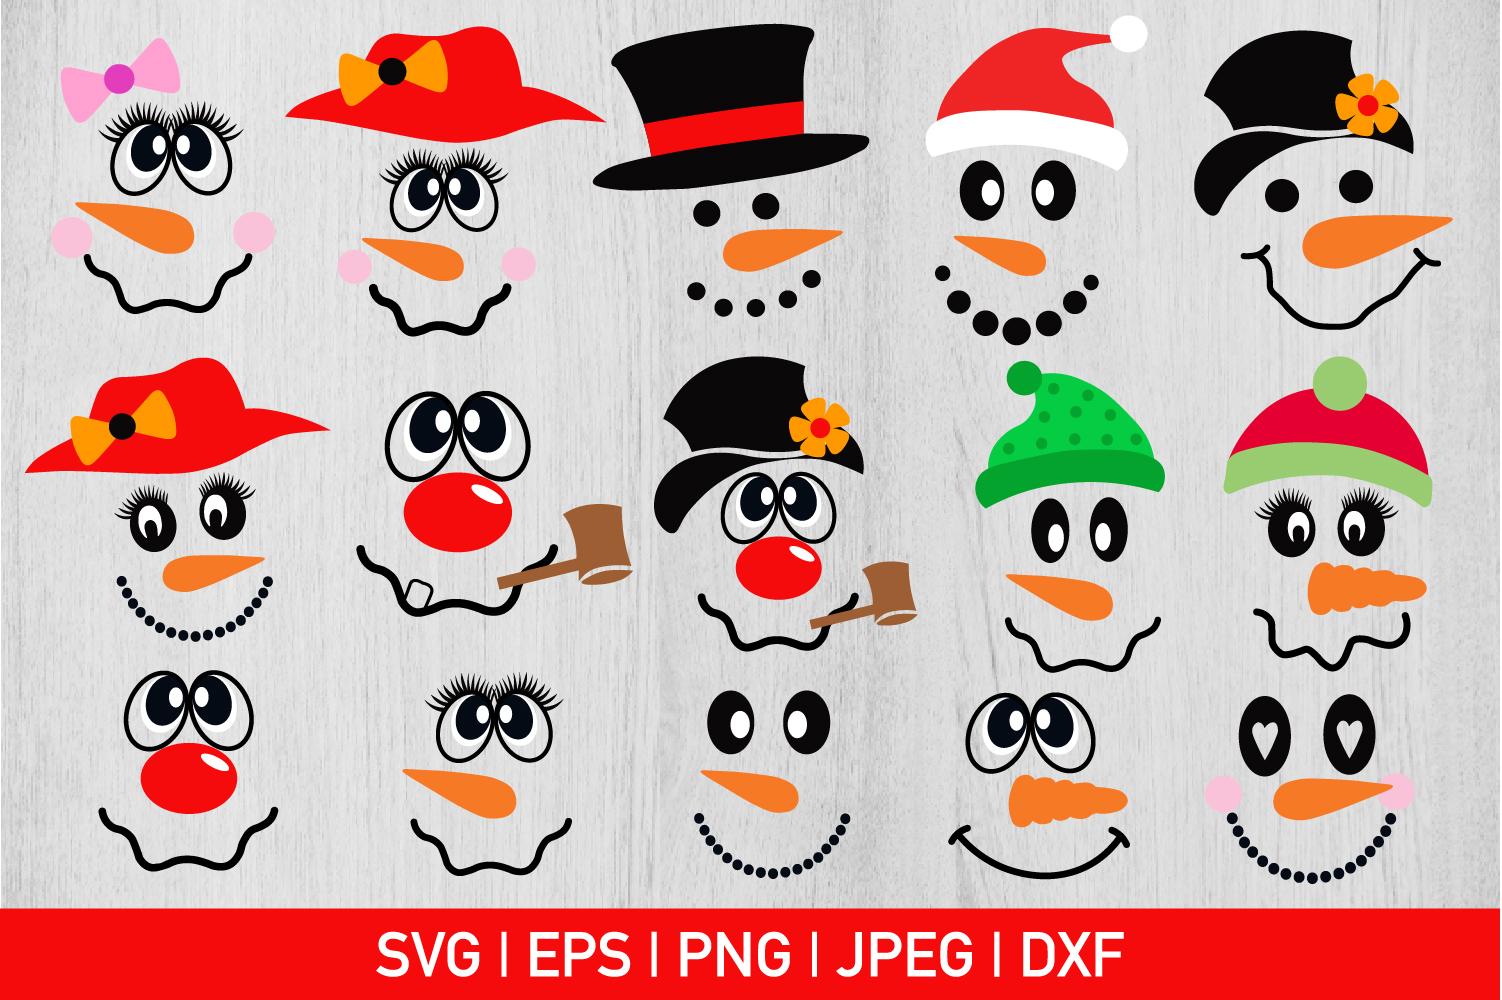 Snowman Face Bundle Svg example image 1